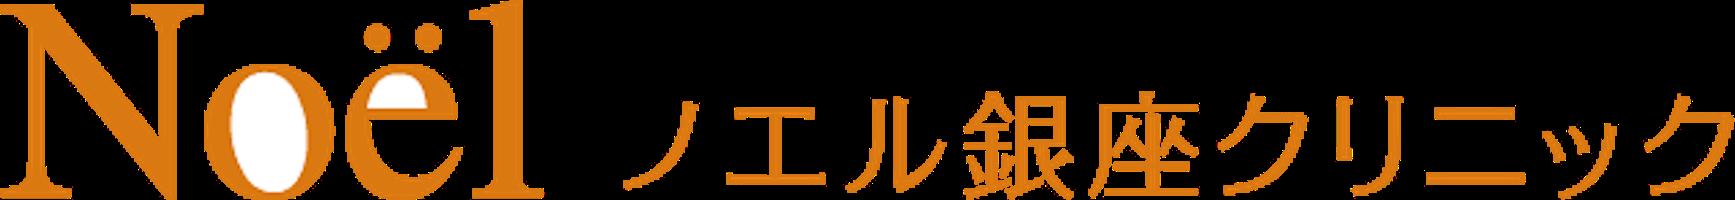 ノエル銀座クリニックロゴ